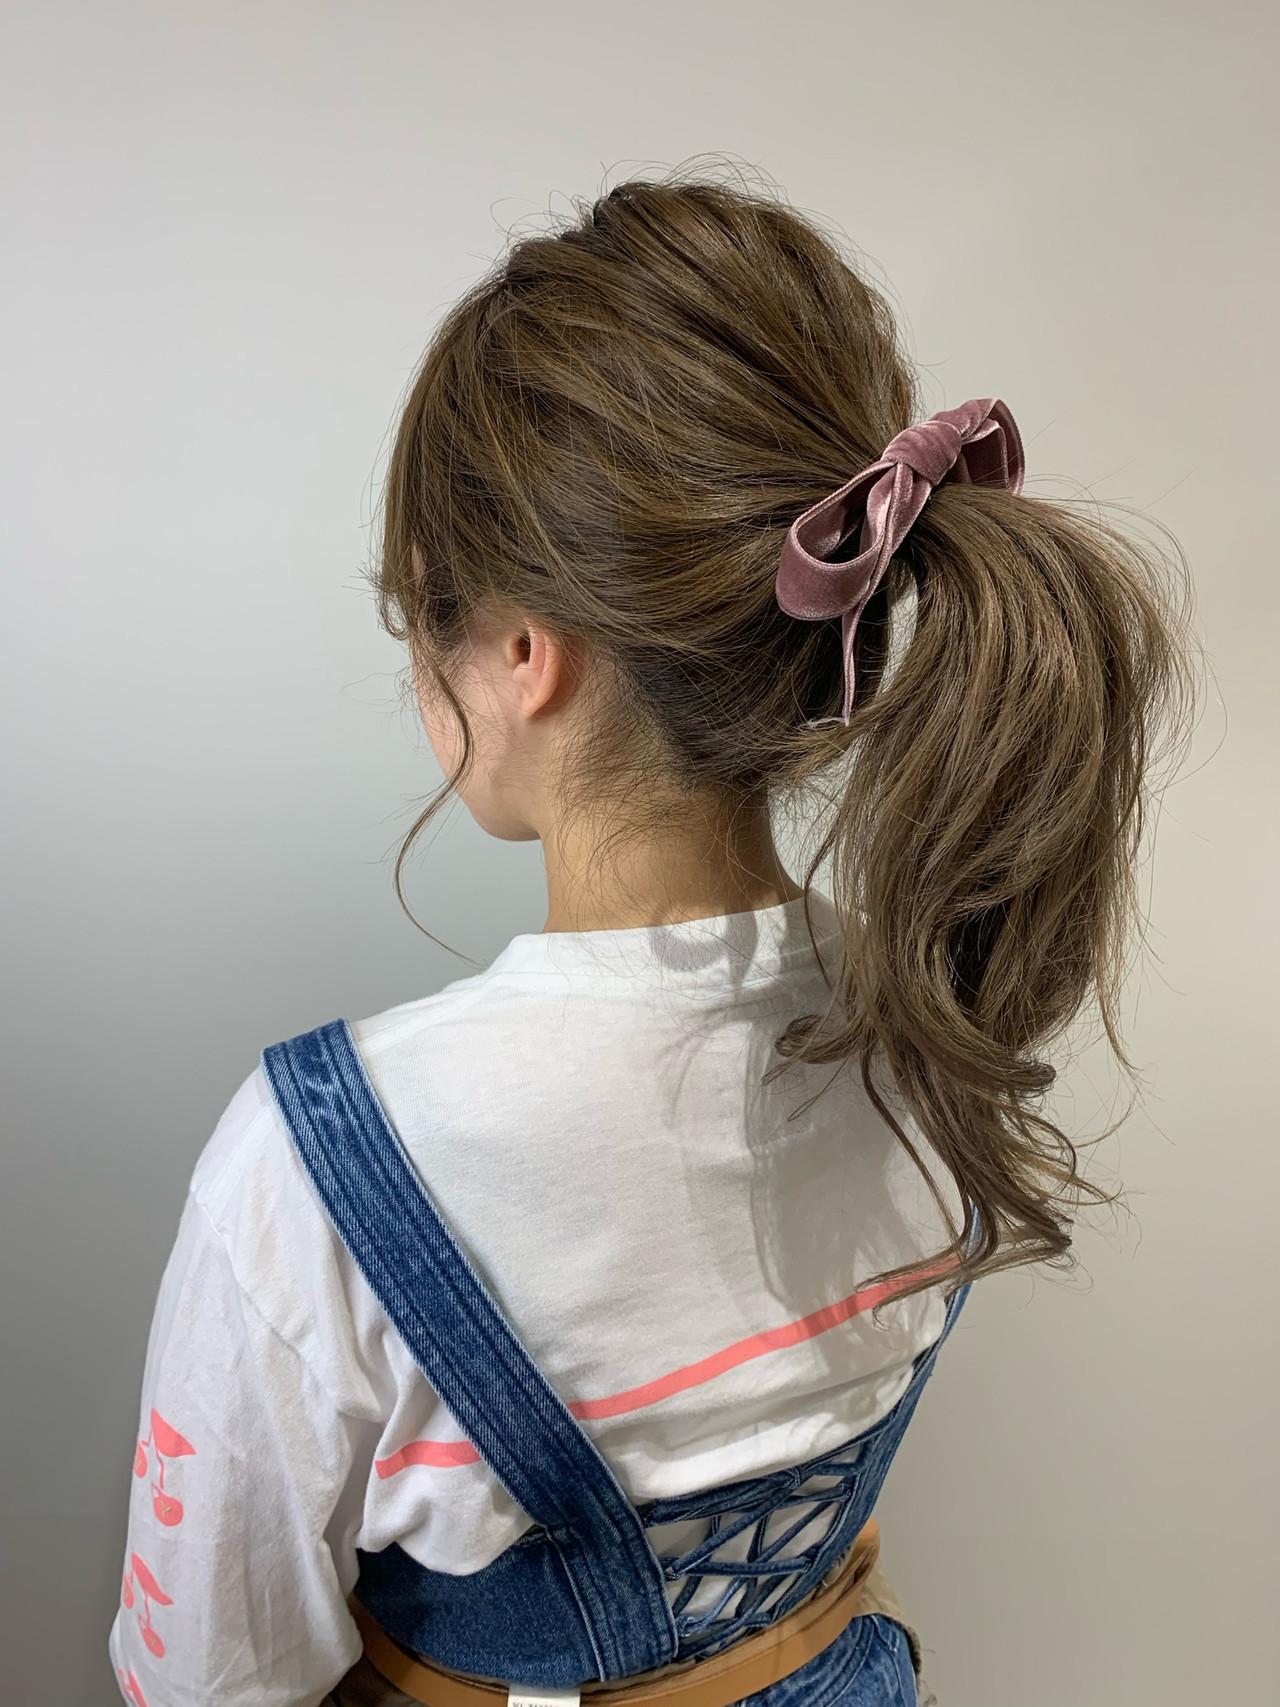 ガーリー バレイヤージュ ポニーテールアレンジ ミルクティーベージュ ヘアスタイルや髪型の写真・画像